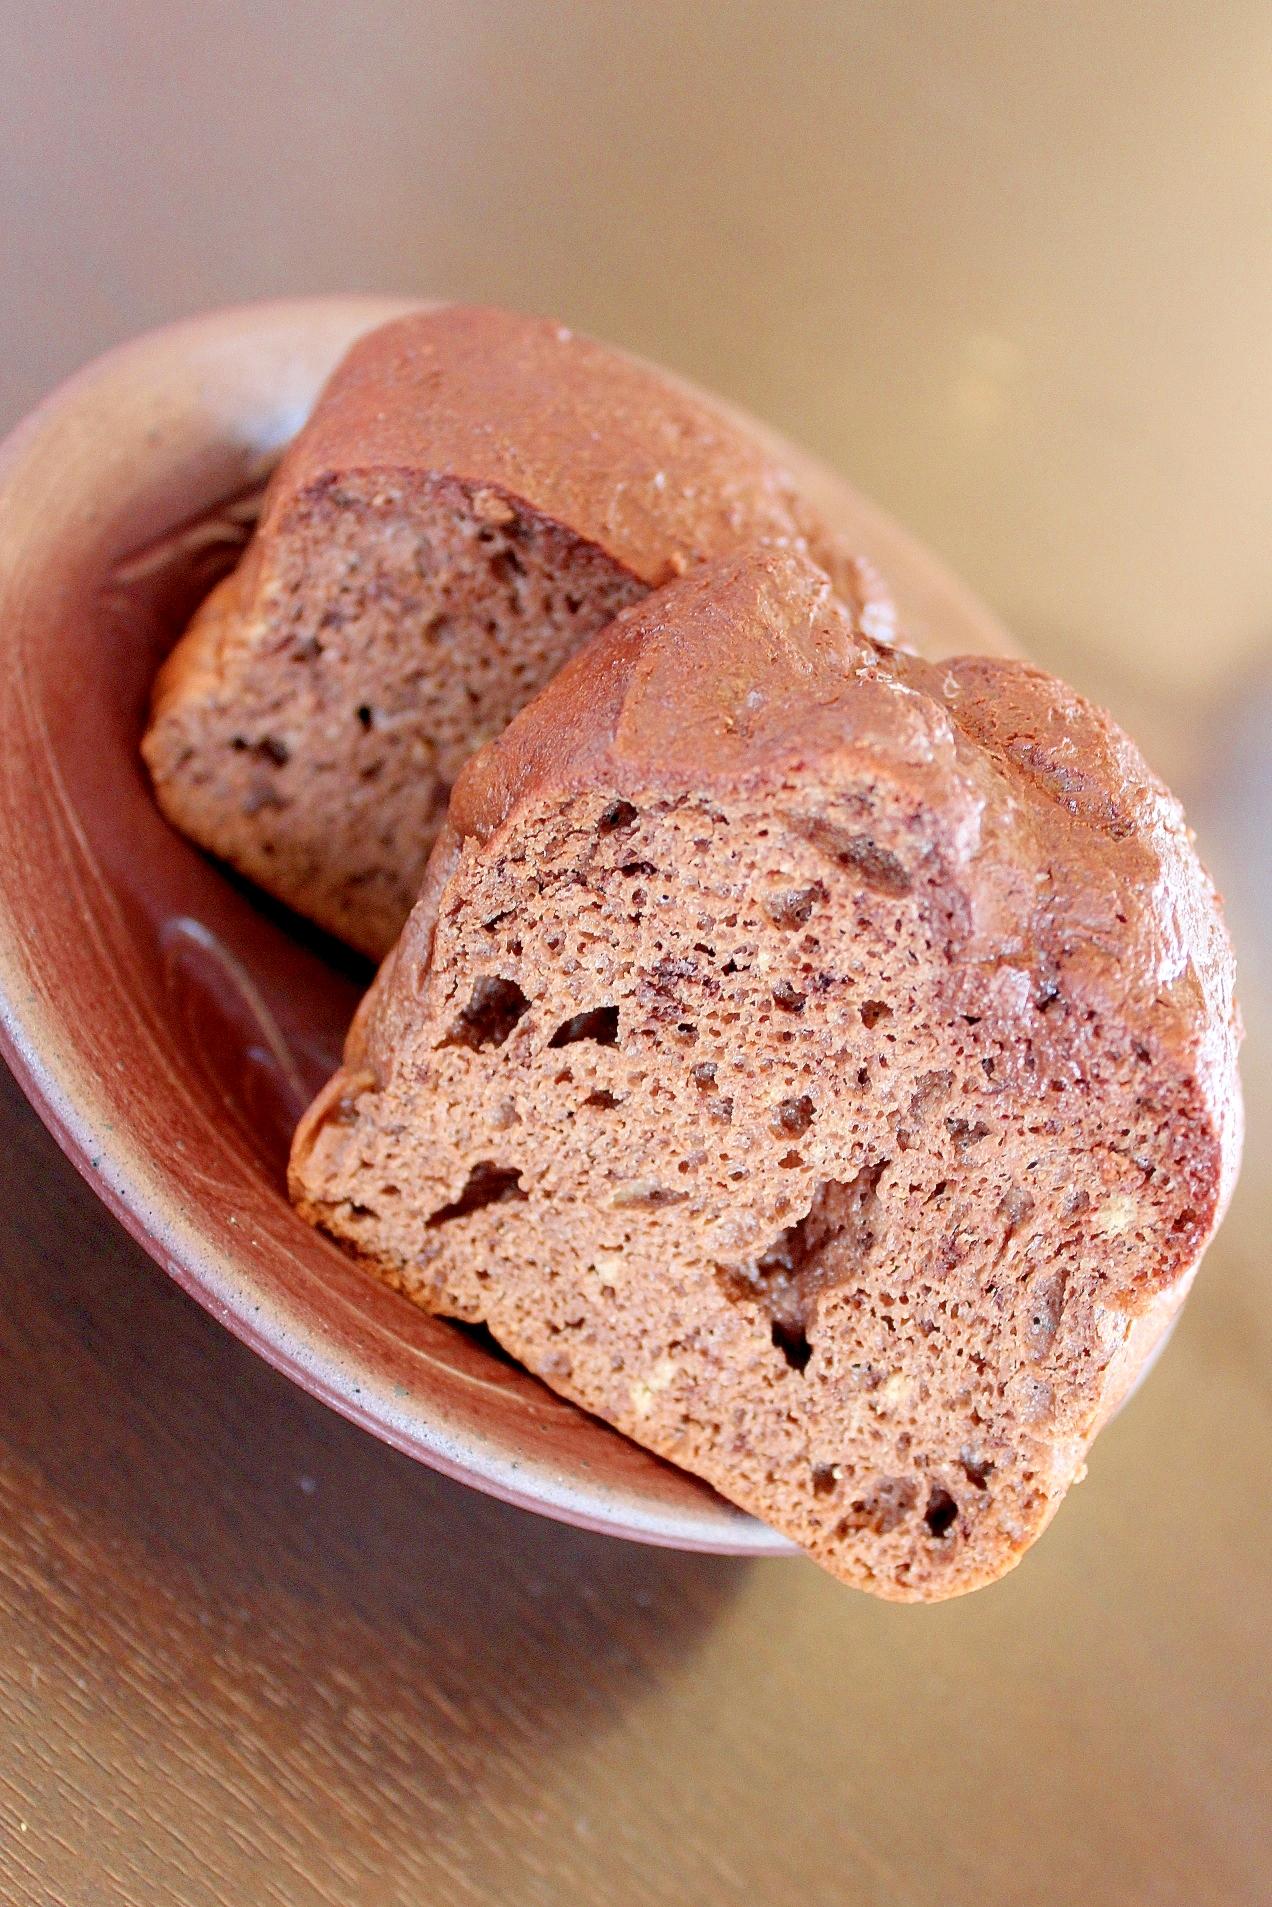 8. 混ぜて焼くだけ!発酵なしのチョコブランパン